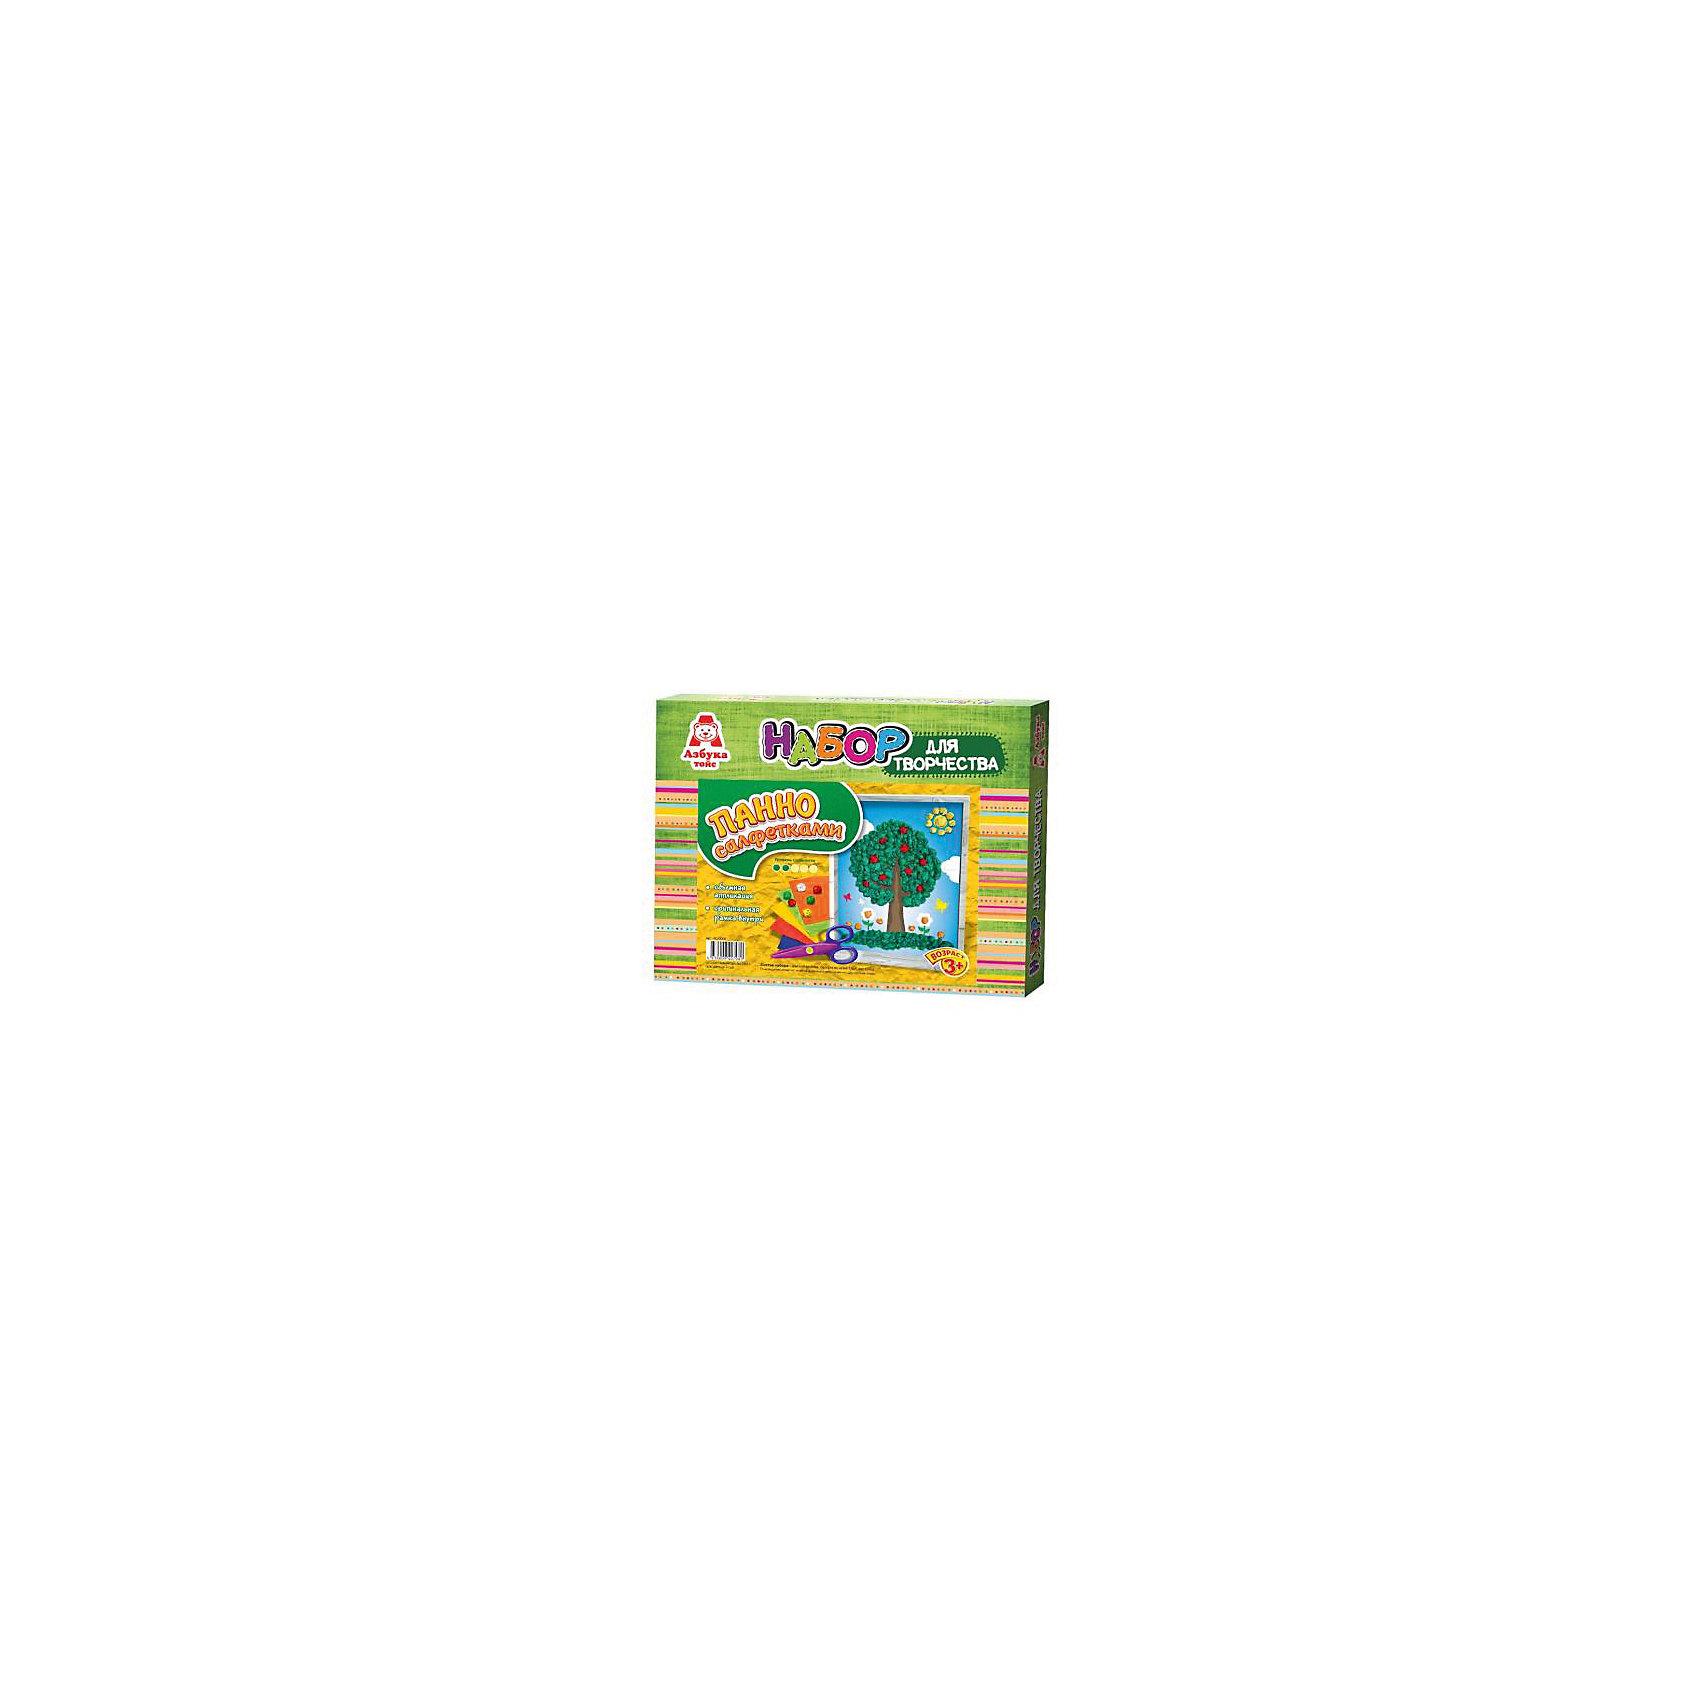 Аппликация салфетками ДеревоРукоделие<br>Аппликация салфетками Дерево<br><br>Характеристики:<br><br>- в набор входит: основа, цветные салфетки, кисть, клей ПВА, рамка<br>- состав: картон, бумага, пластик <br>- формат: 27 * 3 * 22 см.<br>- вес: 116 гр.<br>- для детей в возрасте: от 3 до 6 лет<br>- Страна производитель: Российская Федерация<br><br>Набор для творчества Аппликация салфетками Дерево от компании Азбука тойс понравится маленьким пальчиками и создаст яркое летнее настроение. Пошаговая инструкция подробно описывает процесс выполнения аппликации. Шарики из салфеток клеятся на цветную основу с помощью клея, входящего в комплект. Работа с таким набором развивает моторику ручек, воображение, усидчивость, аккуратность и внимание. Панно из салфеток имеет второй уровень сложности, но его выполнить ничуть не трудно, поэтому ребенок вскоре сможет порадоваться своему небольшому шедевру и, может быть, даже подарить его кому-нибудь. Красивая рамка входит в комплект.<br><br>Аппликацию салфетками Дерево можно купить в нашем интернет-магазине.<br><br>Ширина мм: 270<br>Глубина мм: 30<br>Высота мм: 220<br>Вес г: 116<br>Возраст от месяцев: 36<br>Возраст до месяцев: 84<br>Пол: Унисекс<br>Возраст: Детский<br>SKU: 5062943